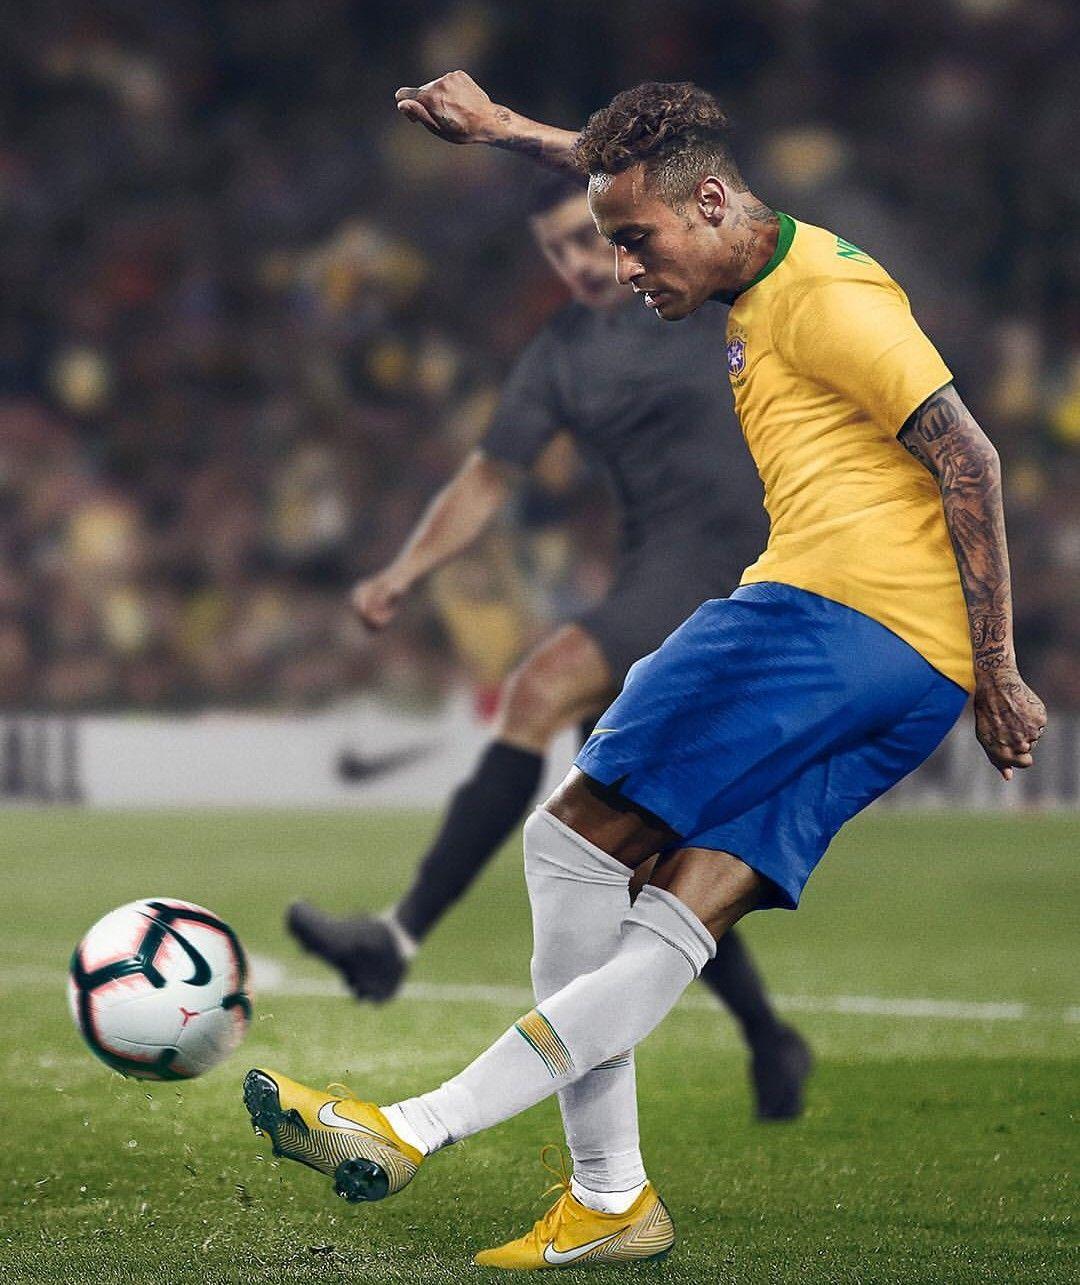 No meio do jogo, Neymar troca chuteira feita pela Nike